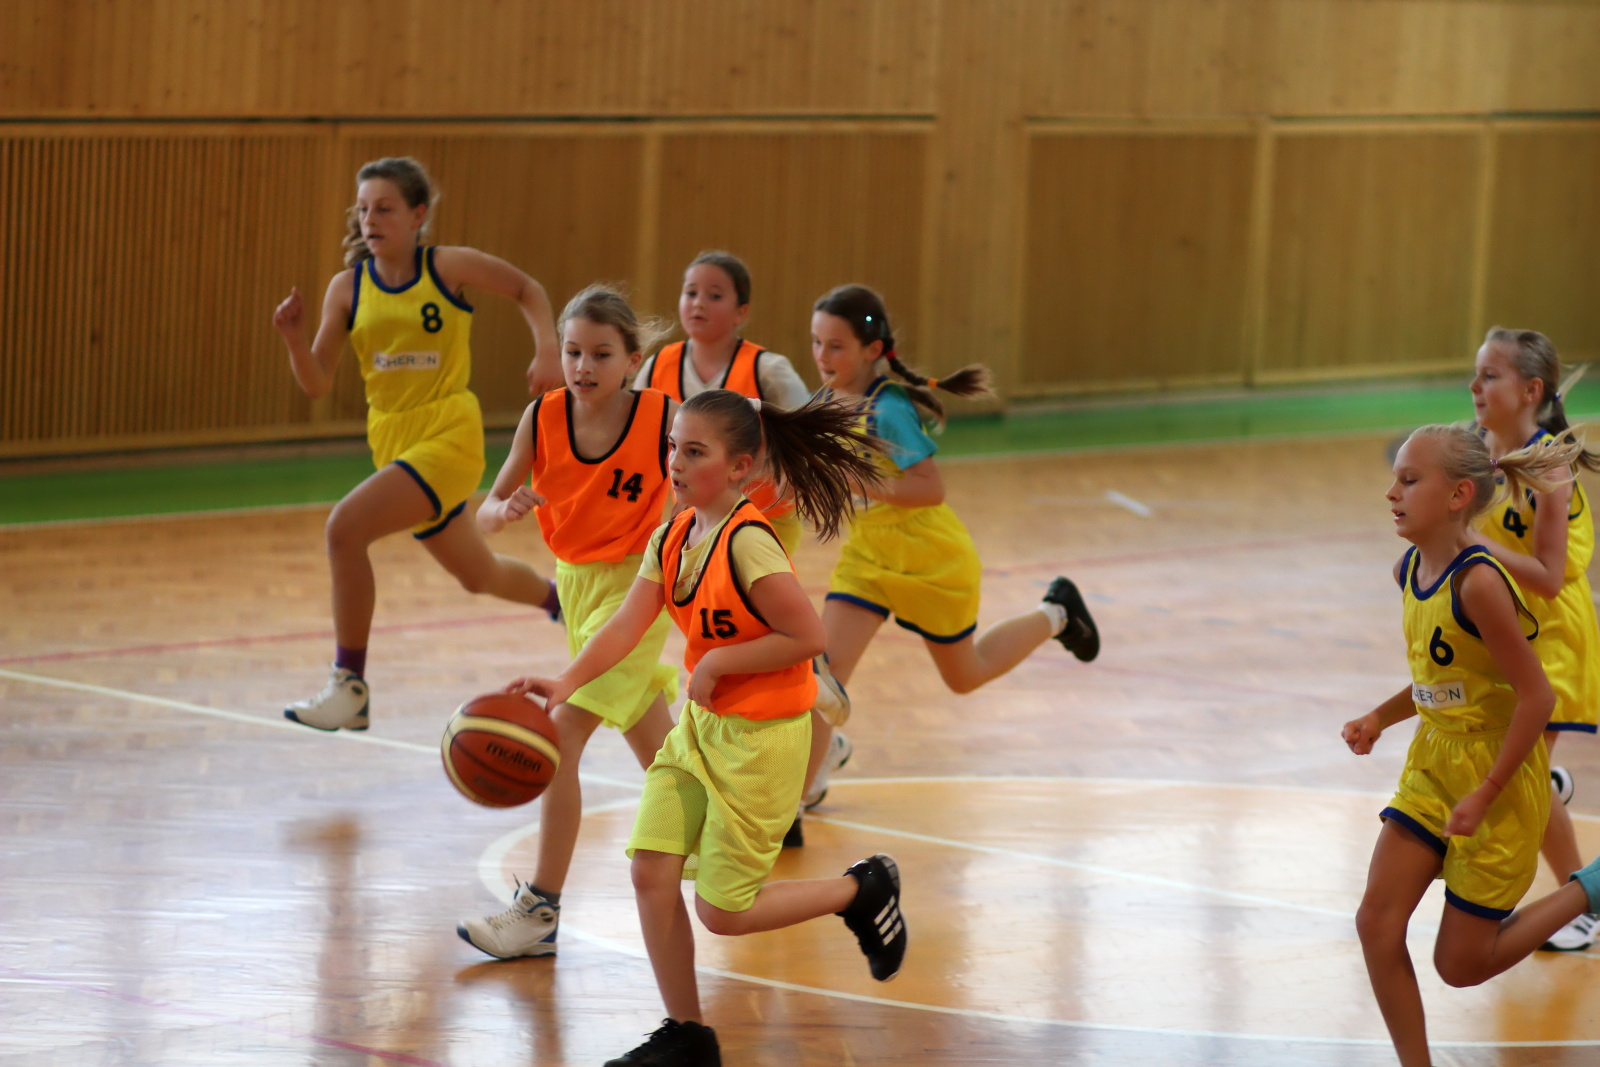 zvolen-banska-bystrica-basketbal-mini-ziacky-6